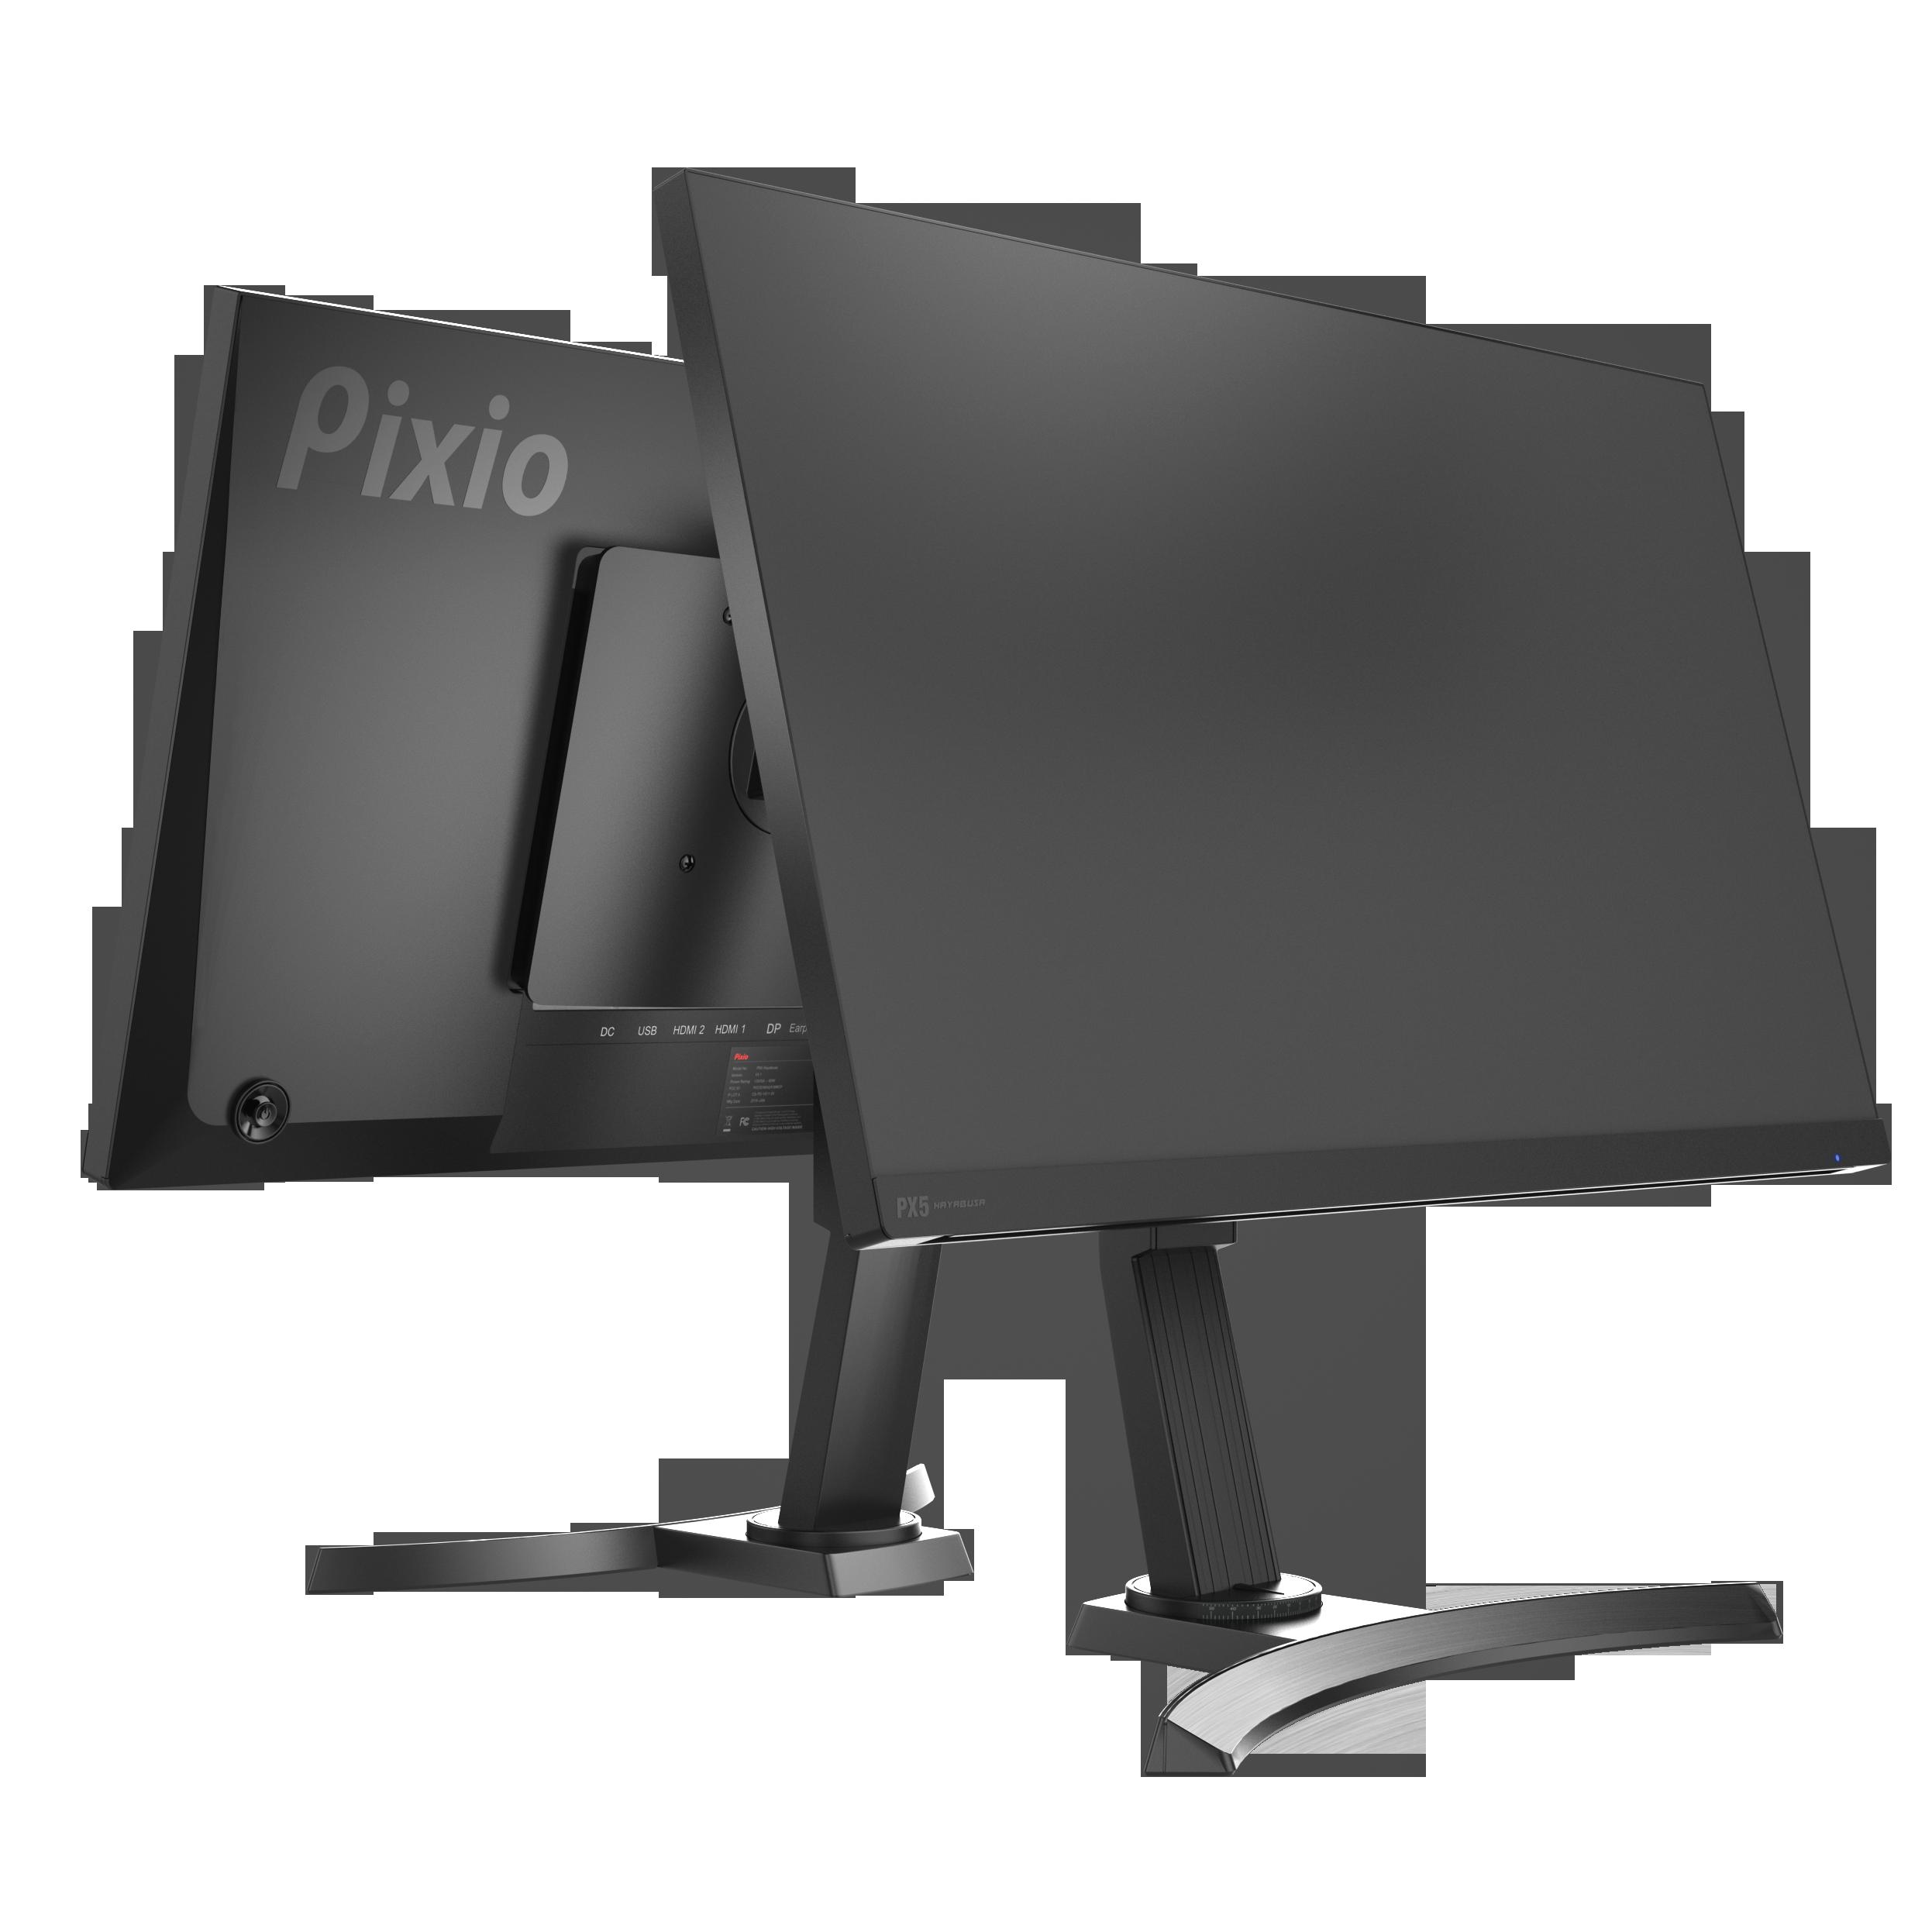 Pixio-QHD-240Hz-PX5-Haybusa-image-image-